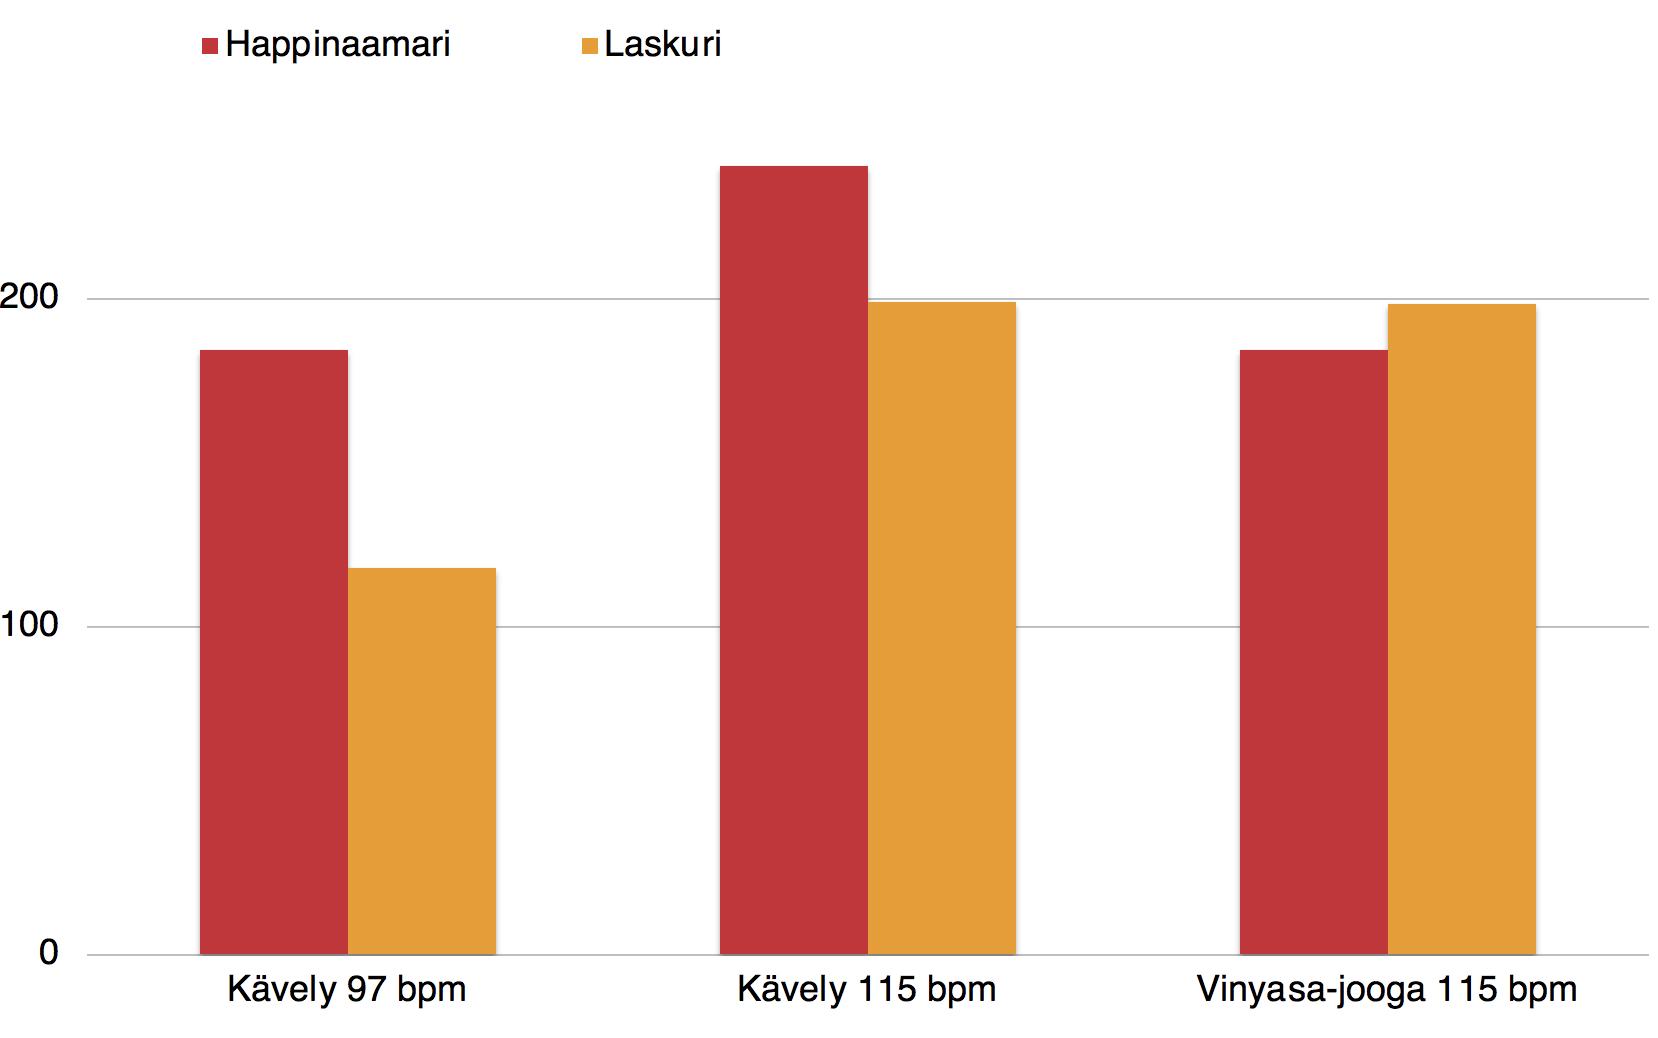 Happinaamarilla laskettu kävelyn kulutus on istumisen kulutuksen verran suurempi kuin syke-kalorilaskurin palauttama aktiivinen energia. Joogan syke on melko sama happinaamarilla mitattuna ja laskurilla arvioituna.